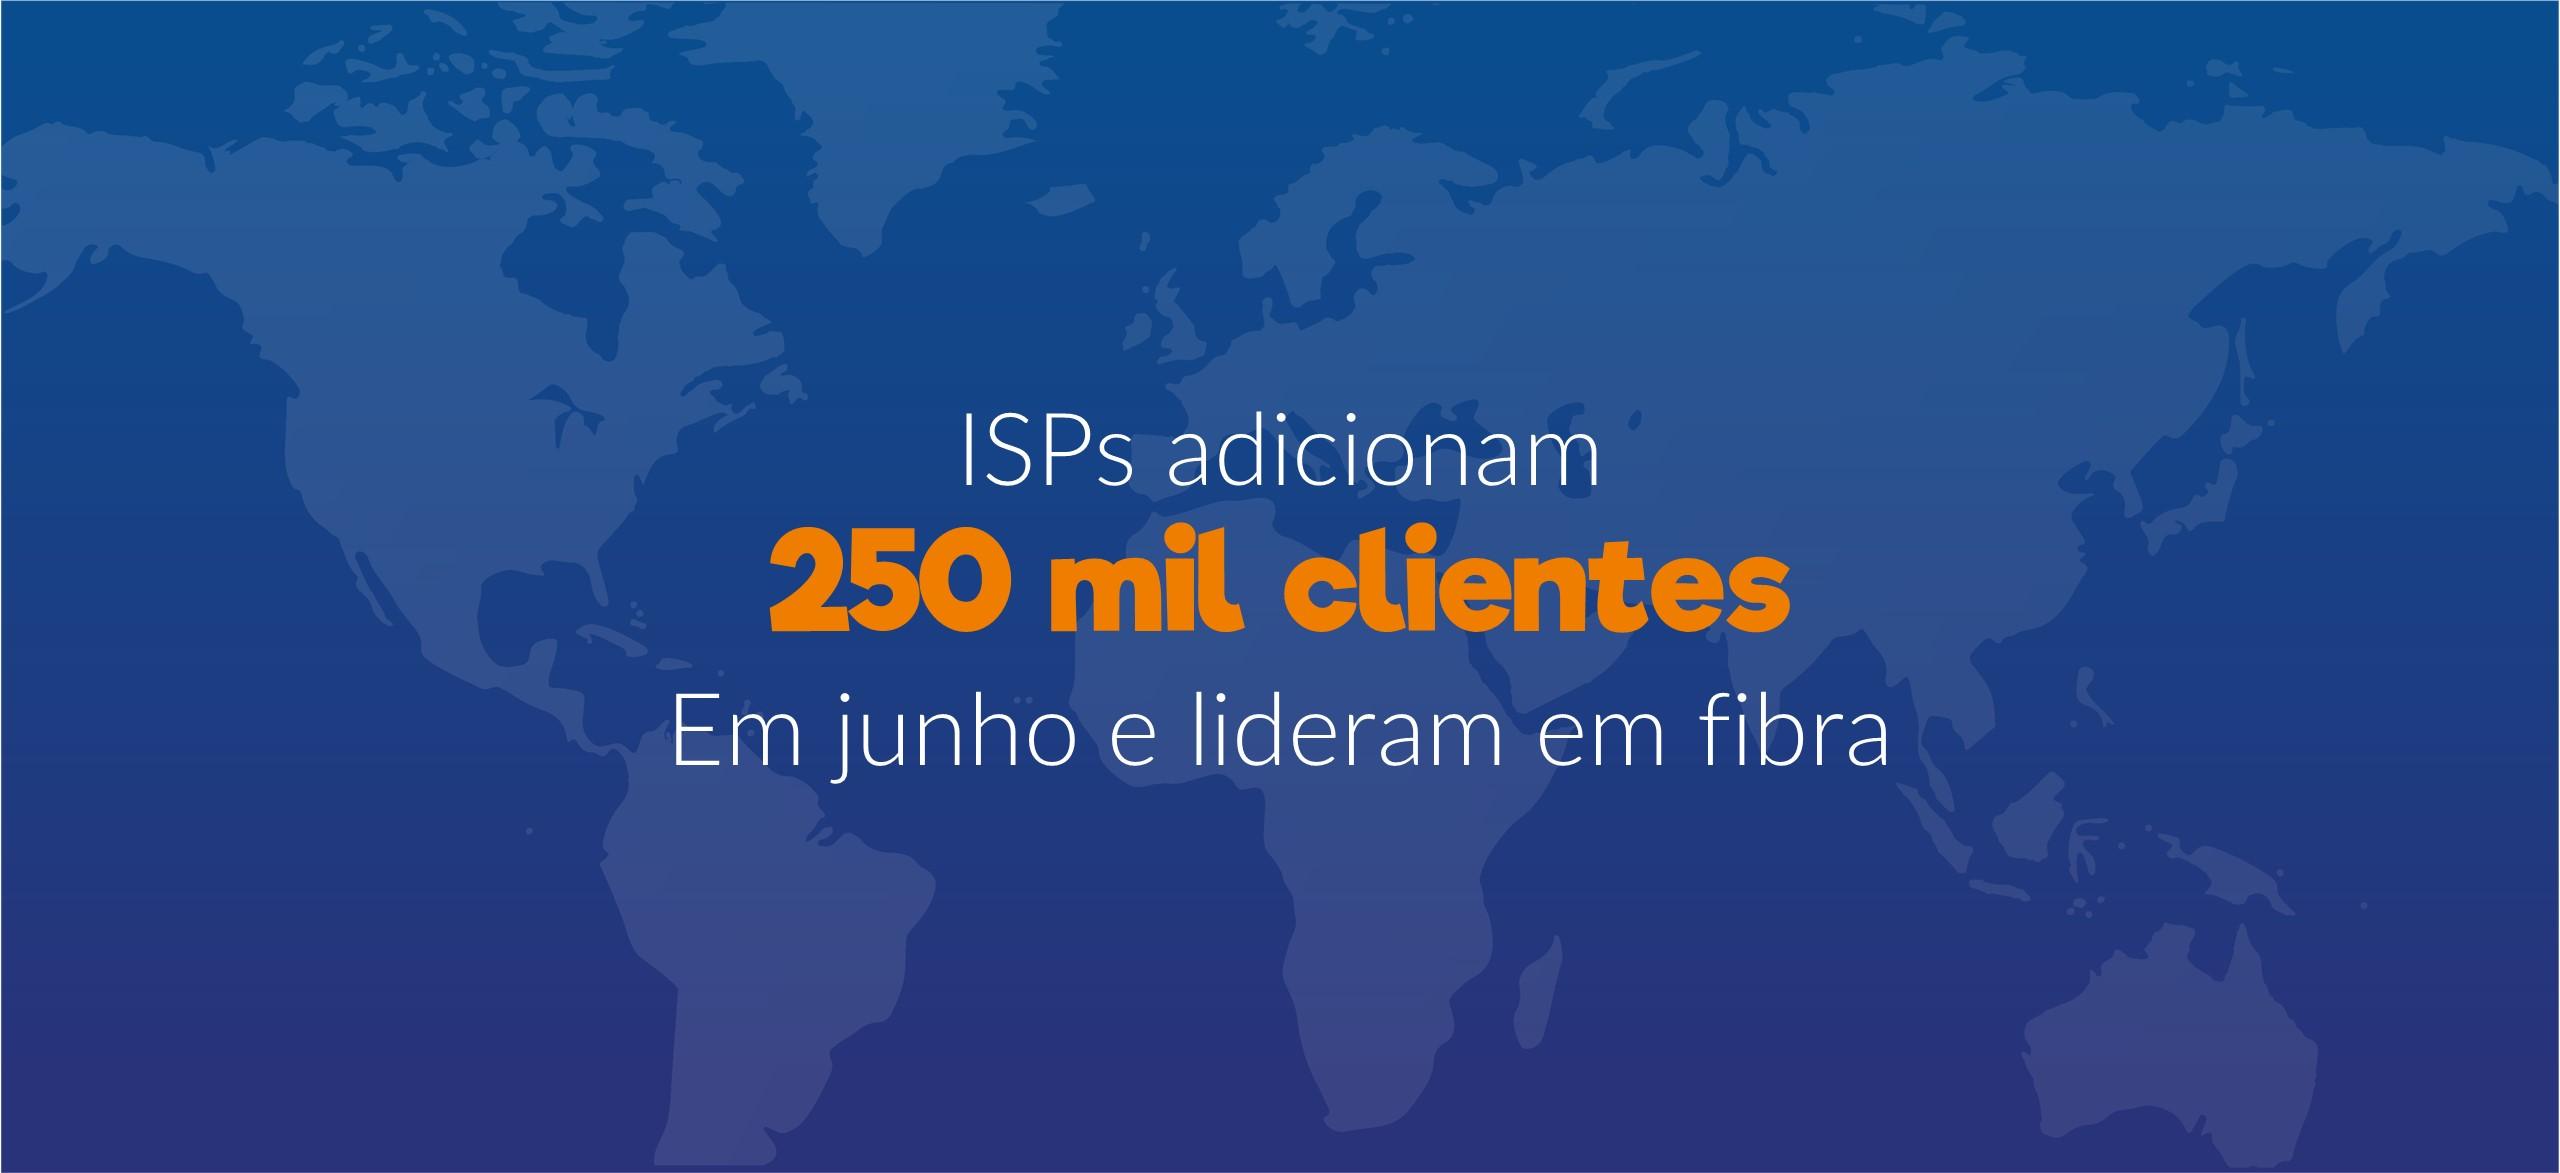 ISPs adicionam 250 mil clientes em junho e lideram em fibra óptica